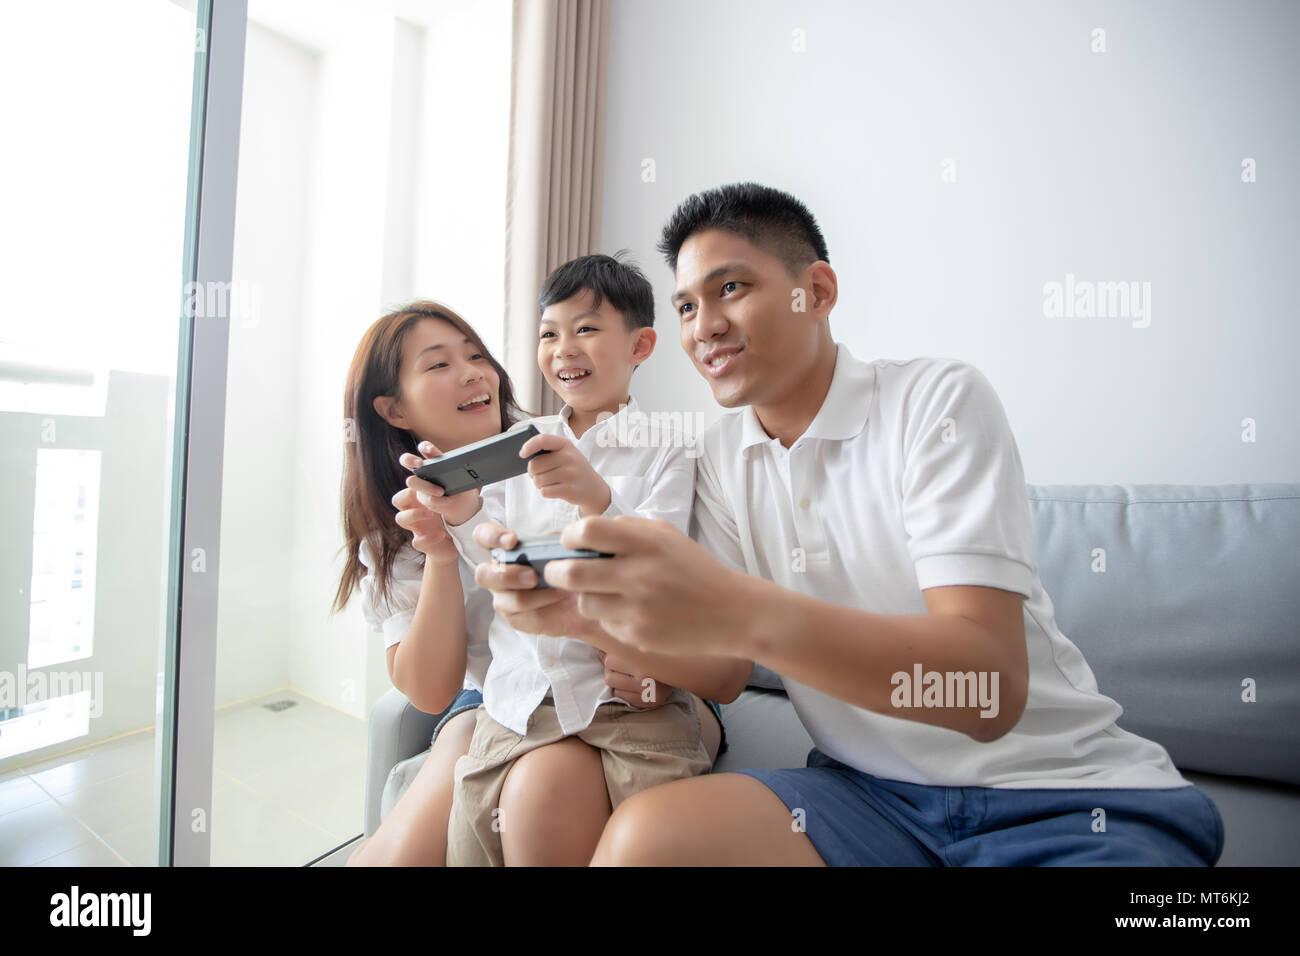 Familia de Asia divertirse jugando juegos de la consola del equipo juntos, padre e hijo tienen el auricular controladores y la madre está animando a los jugadores. Imagen De Stock